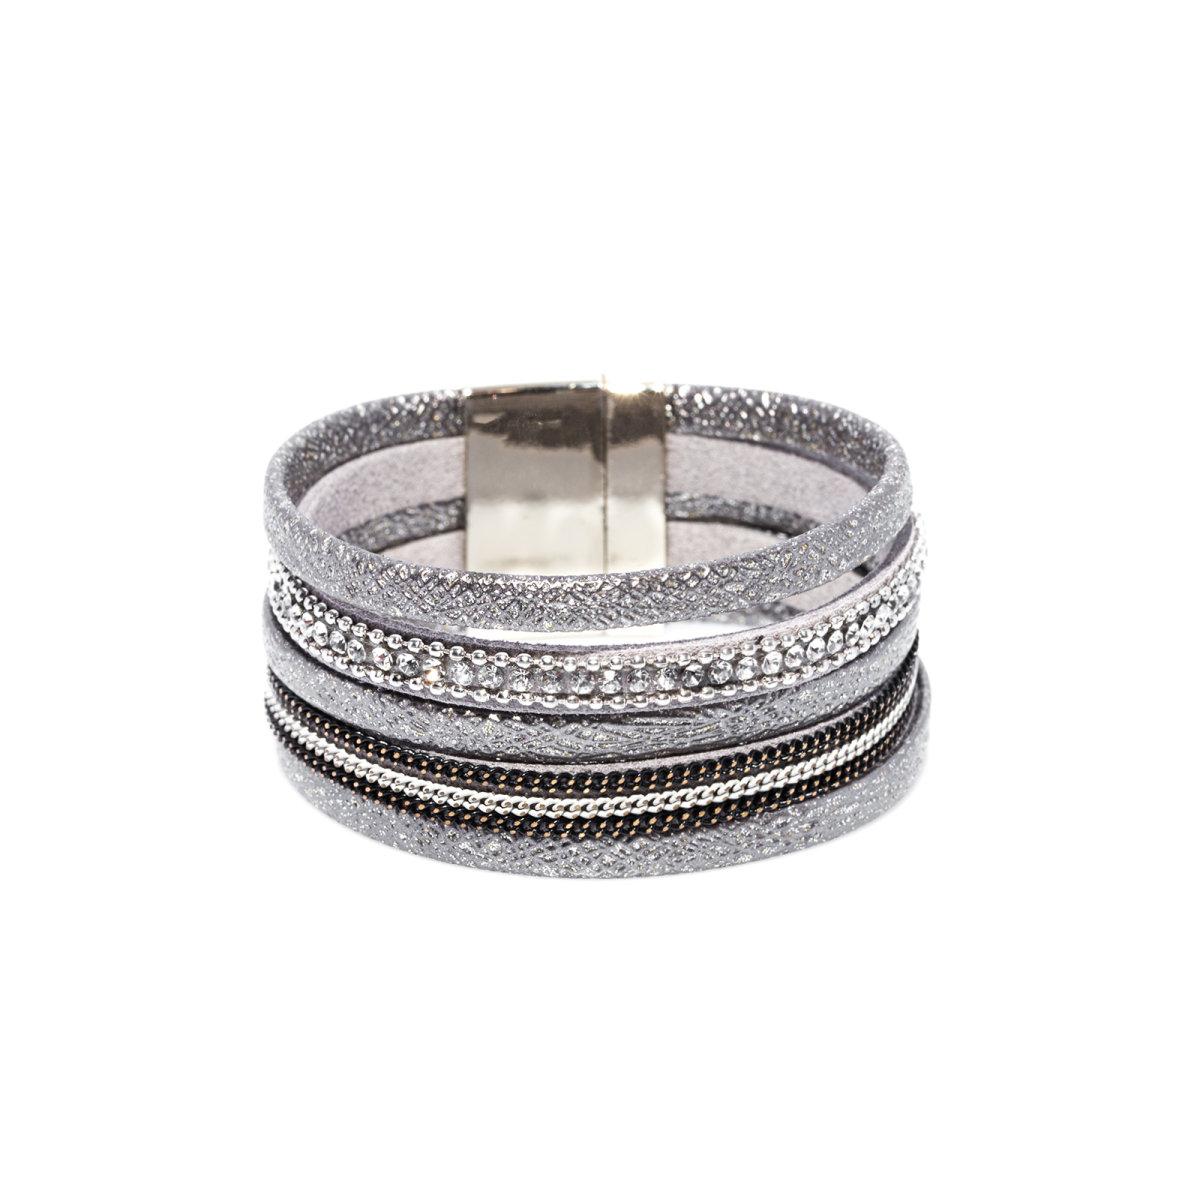 Bratara din material cu efect shiny Argintiu